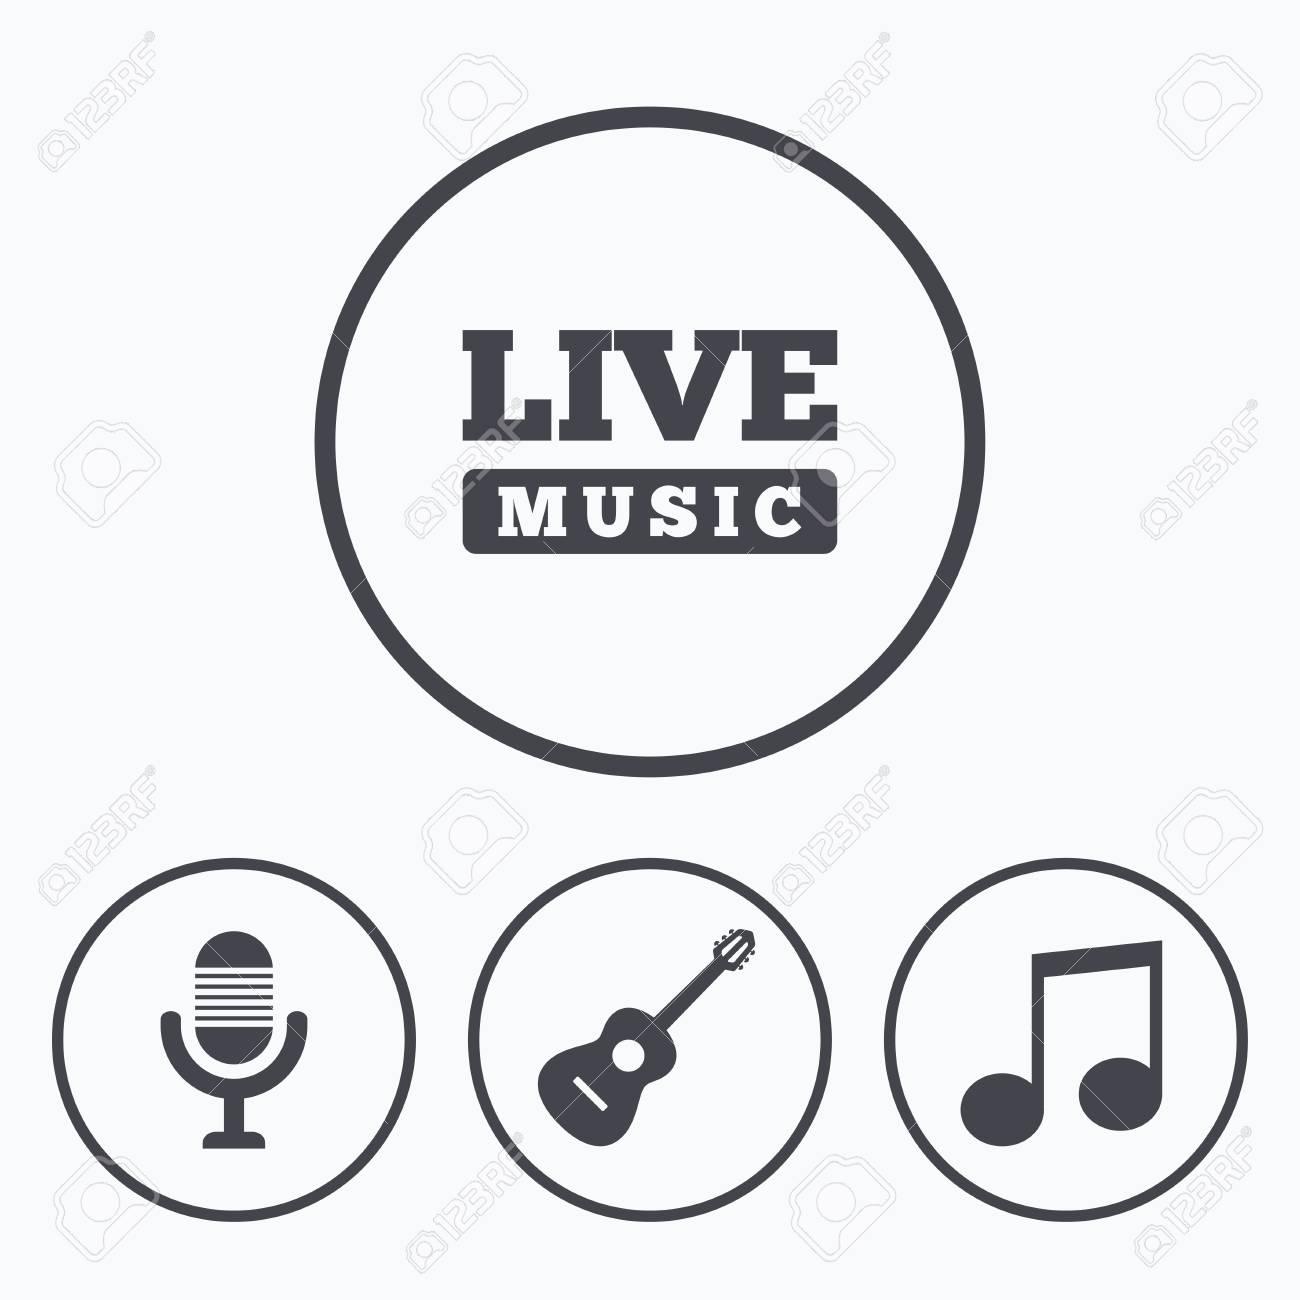 Iconos De Elementos Musicales Micrfono Y Smbolos De Msica En